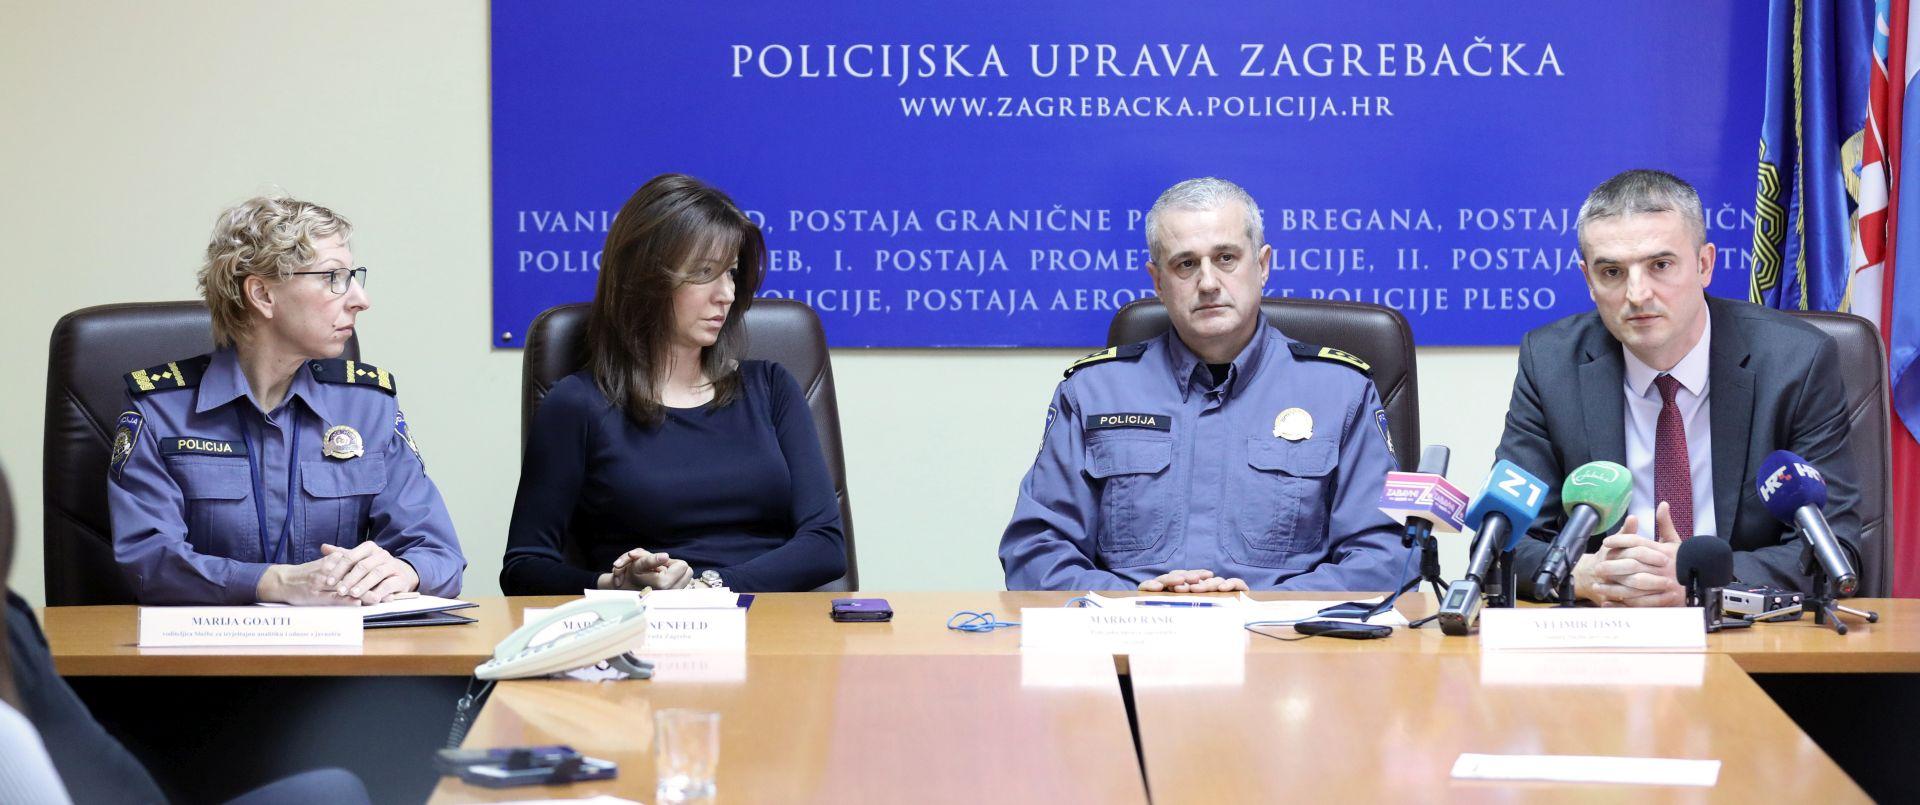 Advent u Zagrebu sa sigurnosnog aspekta prošao u najboljem redu